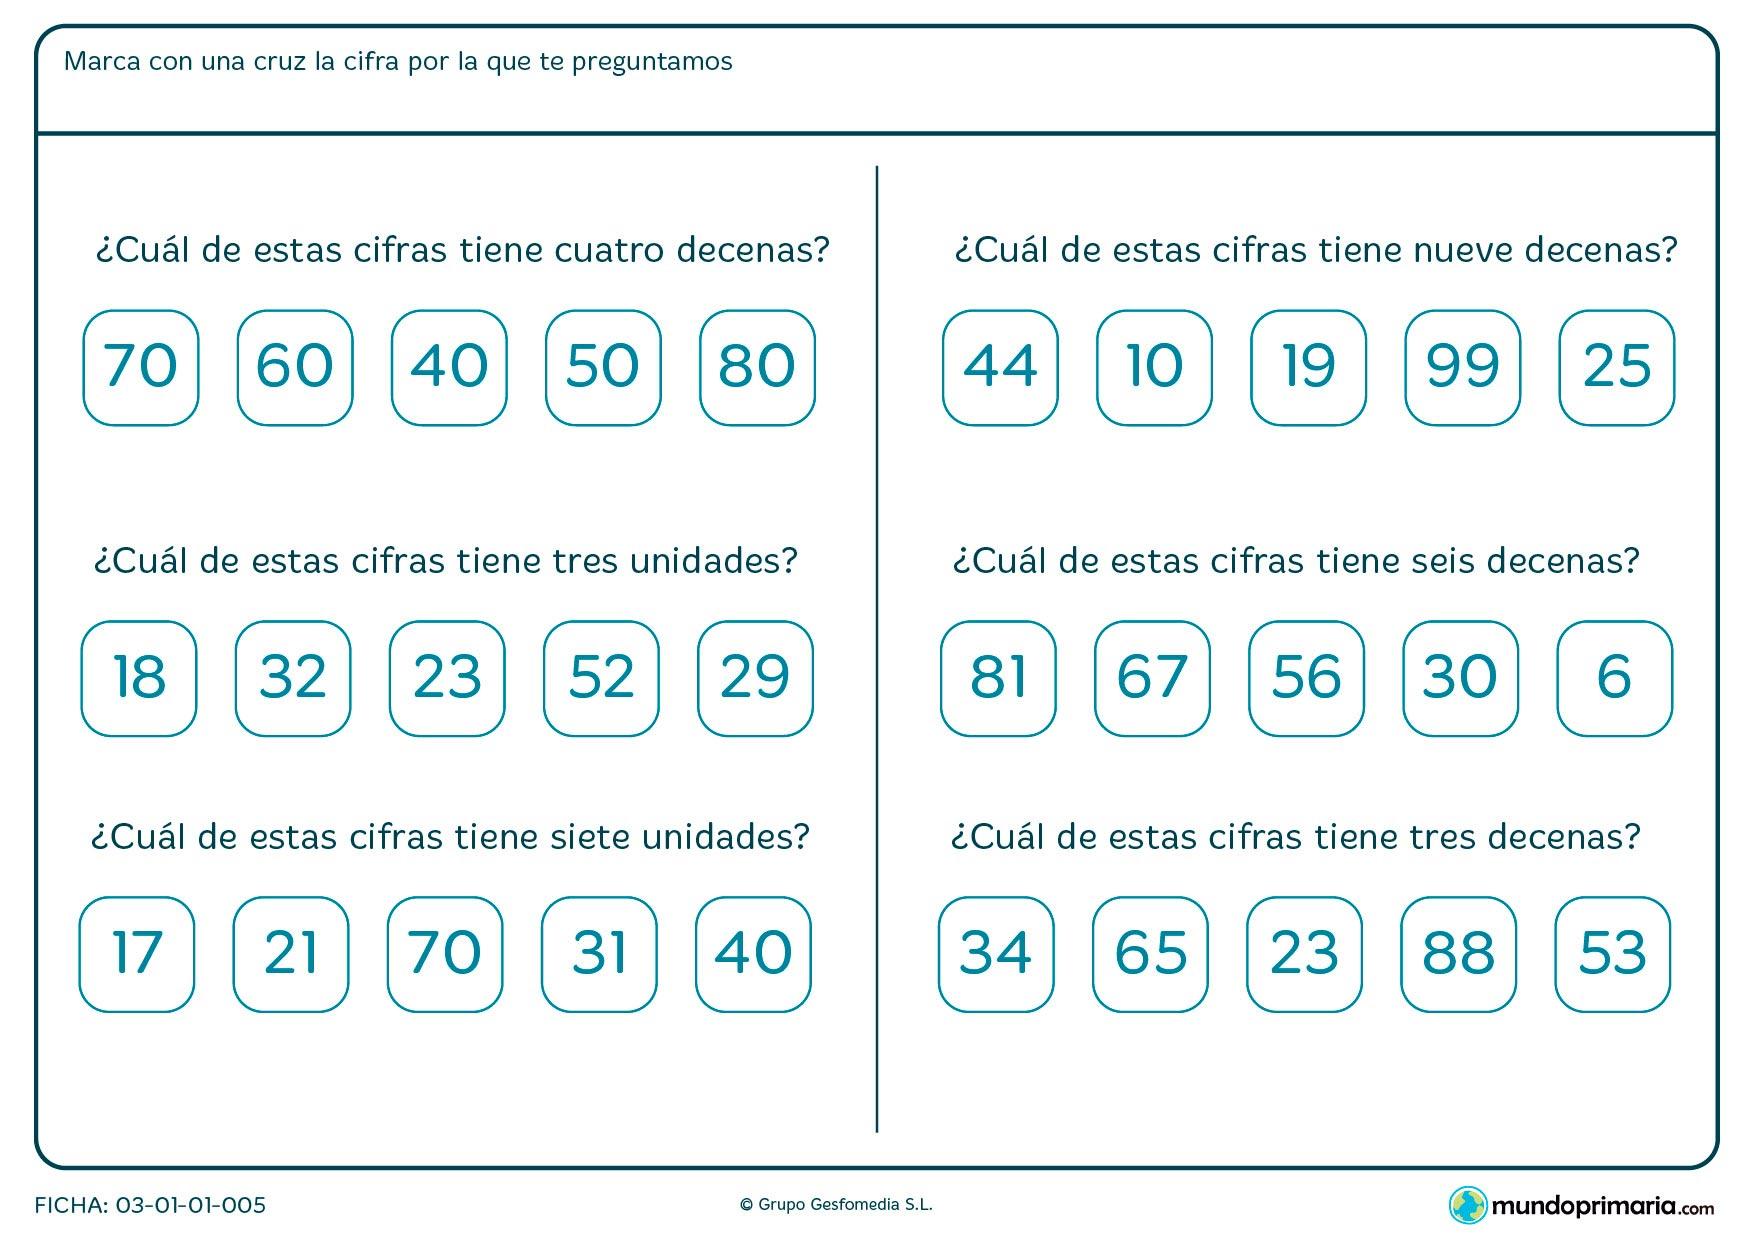 Ficha de unidades y decenas de los números para marcar la respuesta correcta de las opciontes dadas.